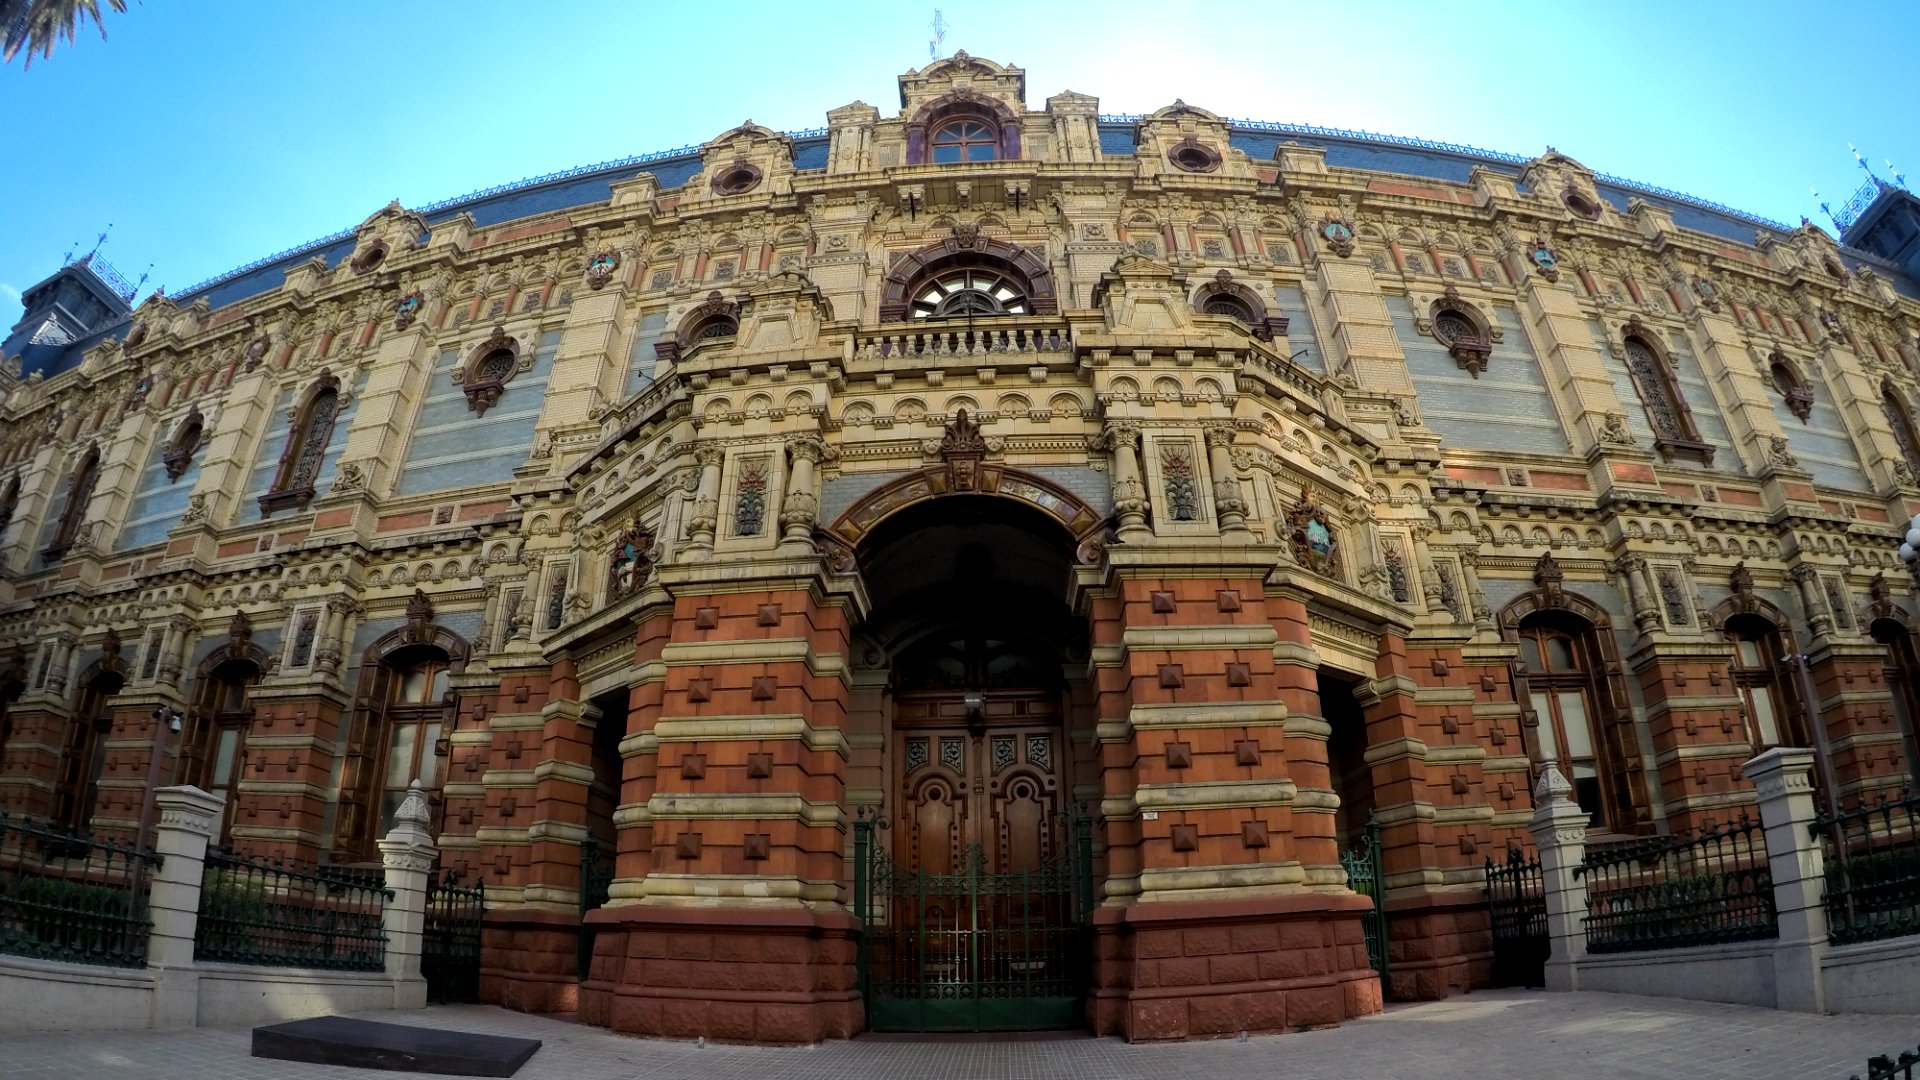 PALACIO DE AGUAS CORRIENTES. Fue construido para alojar los tanques de suministro de agua corriente de la creciente ciudad a fines del siglo XIX, envueltos en un exterior suntuoso de materiales importados